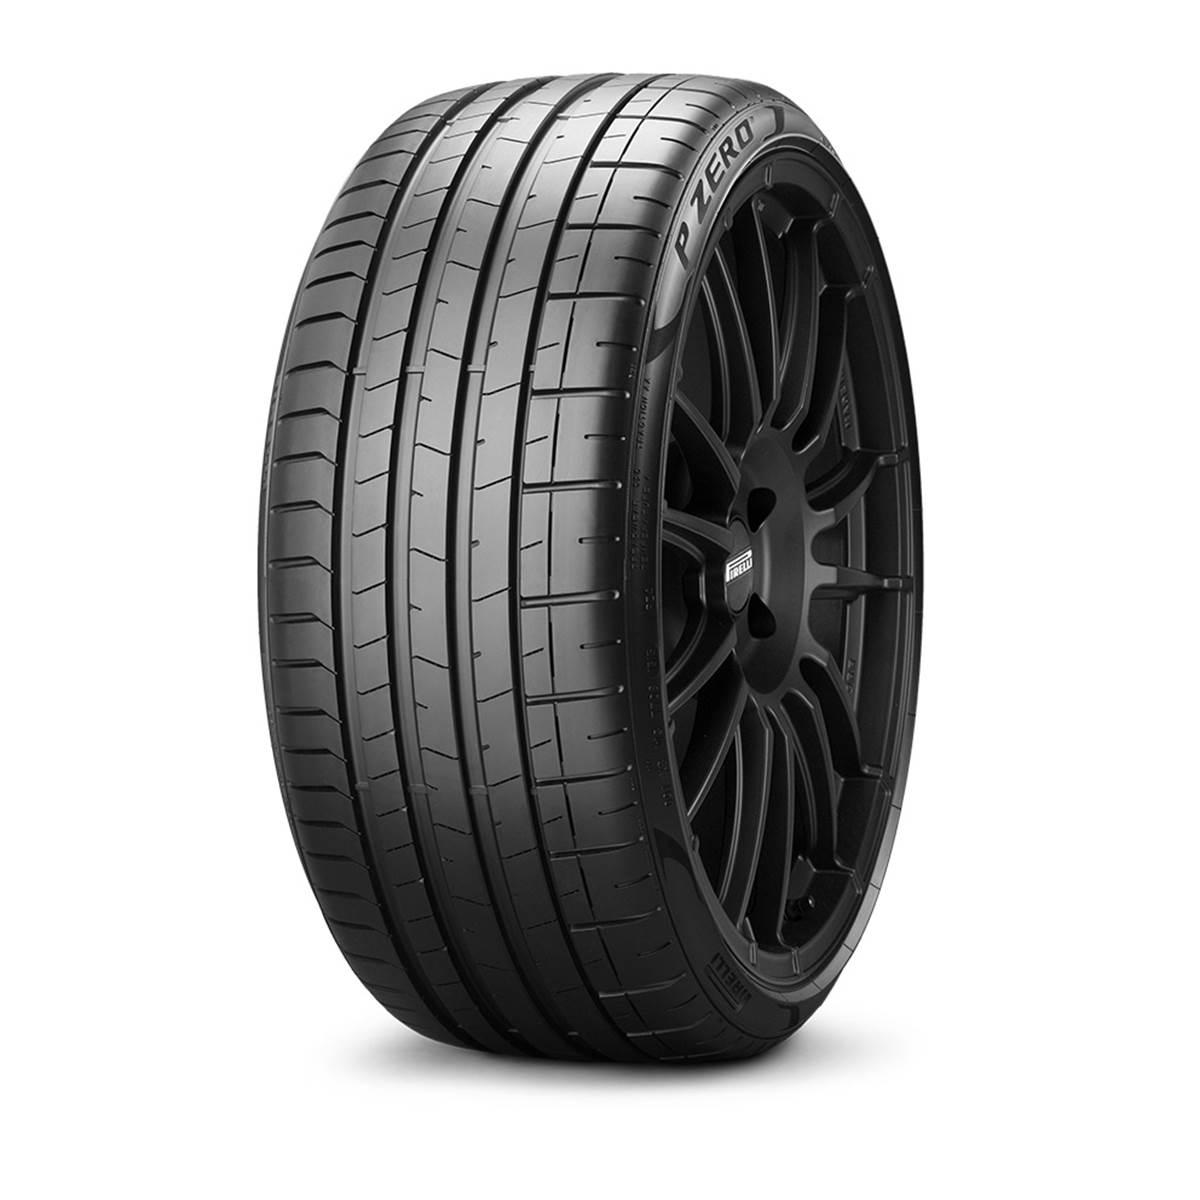 Pneu Pirelli 295/35R19 104Y Pzero XL